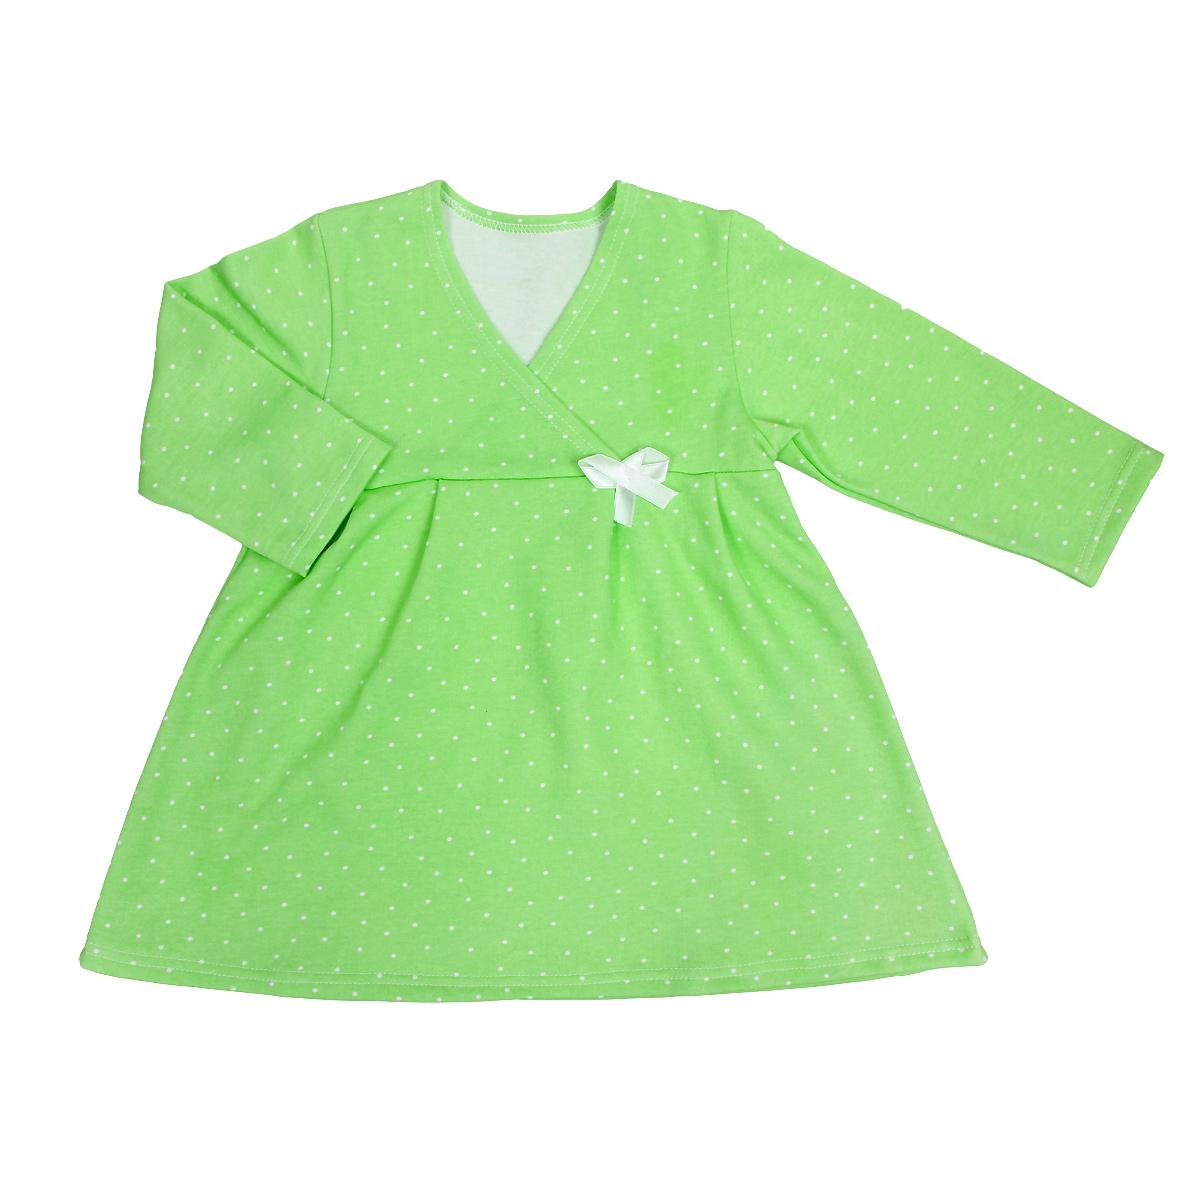 Сорочка ночная для девочки Трон-плюс, цвет: салатовый, белый, рисунок горох. 5522. Размер 122/128, 7-10 лет5522Яркая сорочка Трон-плюс идеально подойдет вашей малышке и станет отличным дополнением к детскому гардеробу. Теплая сорочка, изготовленная из футера - натурального хлопка, необычайно мягкая и легкая, не сковывает движения ребенка, позволяет коже дышать и не раздражает даже самую нежную и чувствительную кожу малыша. Сорочка трапециевидного кроя с длинными рукавами, V-образным вырезом горловины. Полочка состоит из двух частей, заходящих друг на друга. По переднему и заднему полотнищам юбки заложены небольшие складки. Сорочка оформлена атласным бантиком.В такой сорочке ваш ребенок будет чувствовать себя комфортно и уютно во время сна.